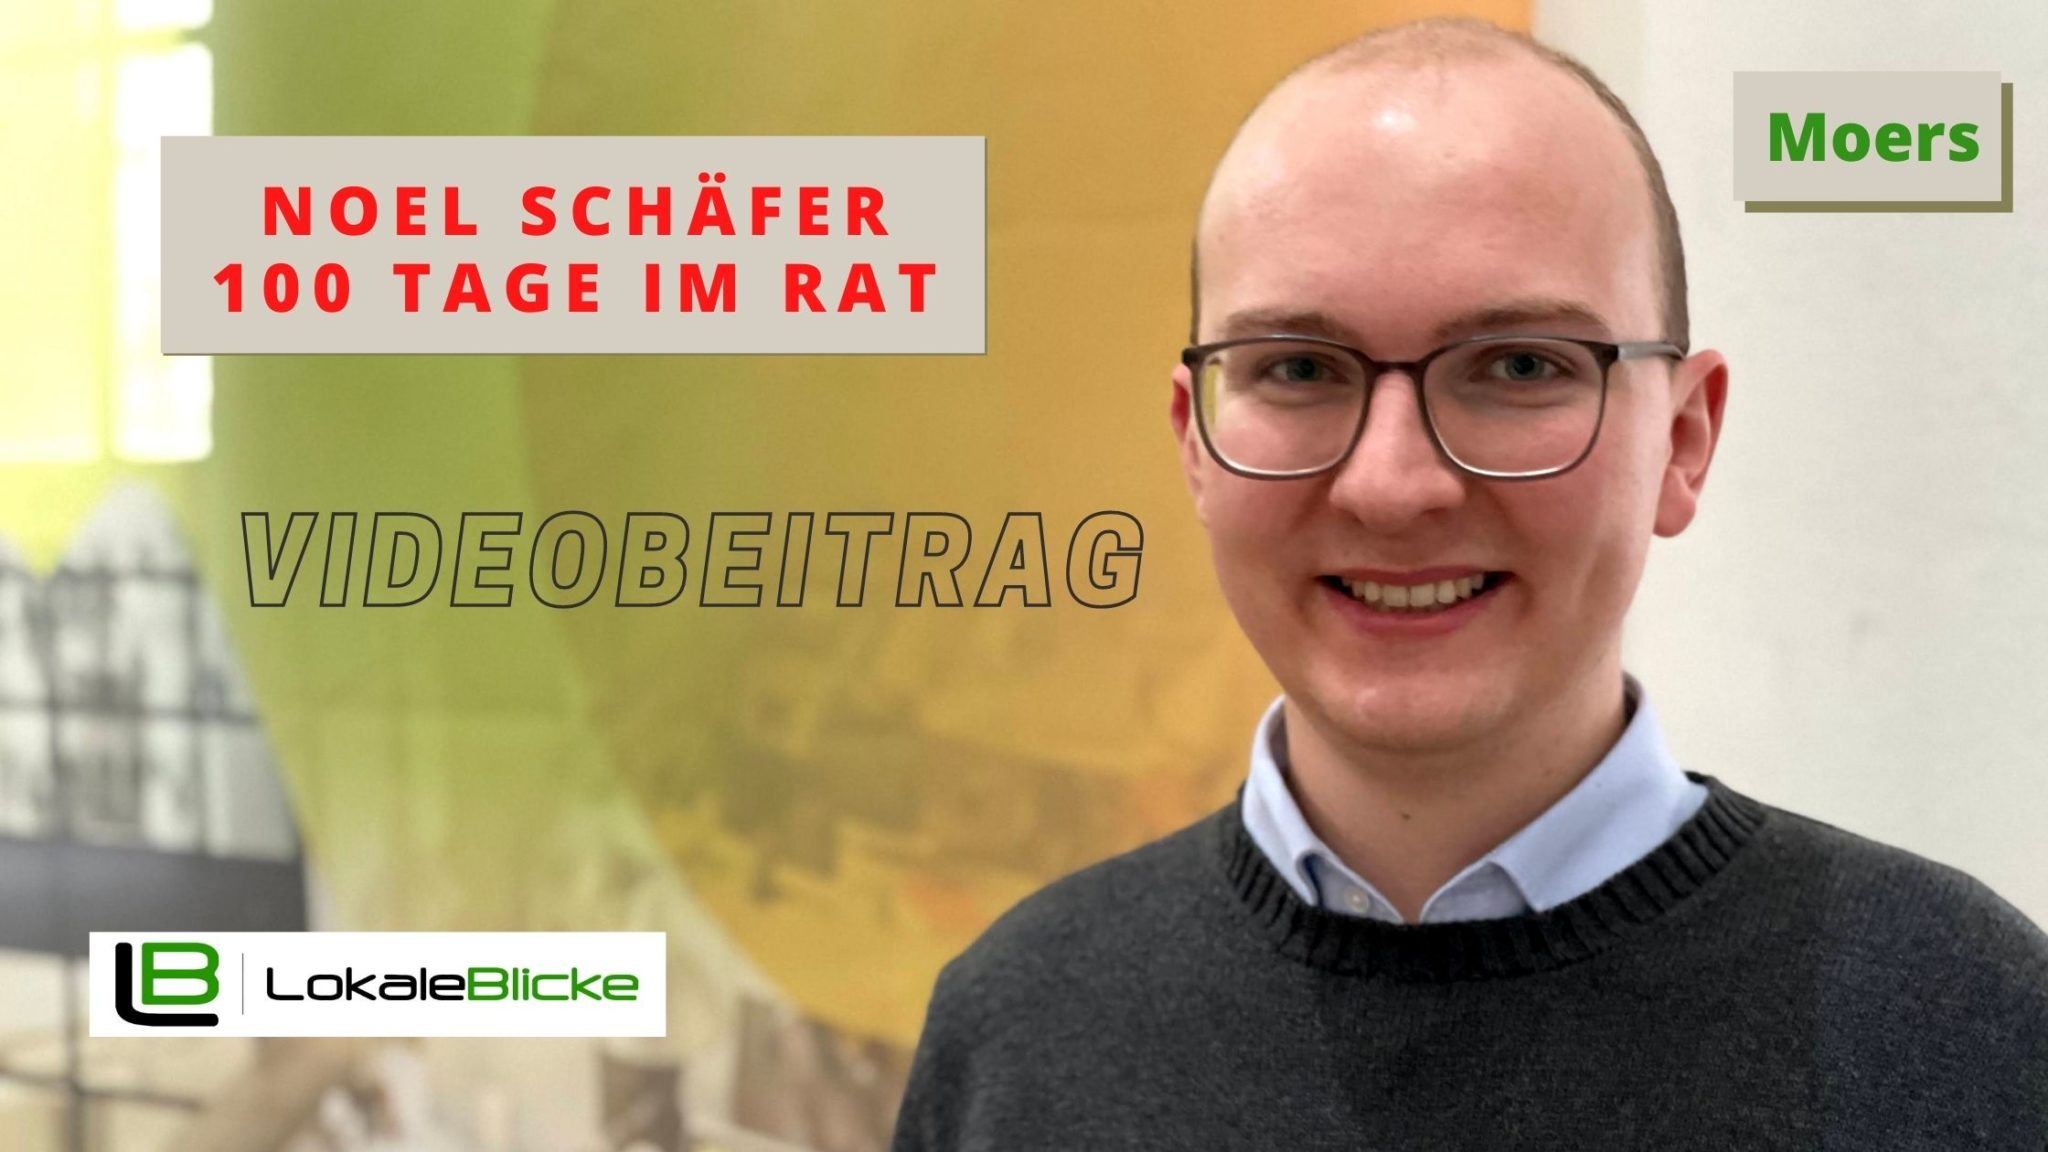 Interview mit dem jüngsten Moerser Ratsmitglied Noel Schäfer